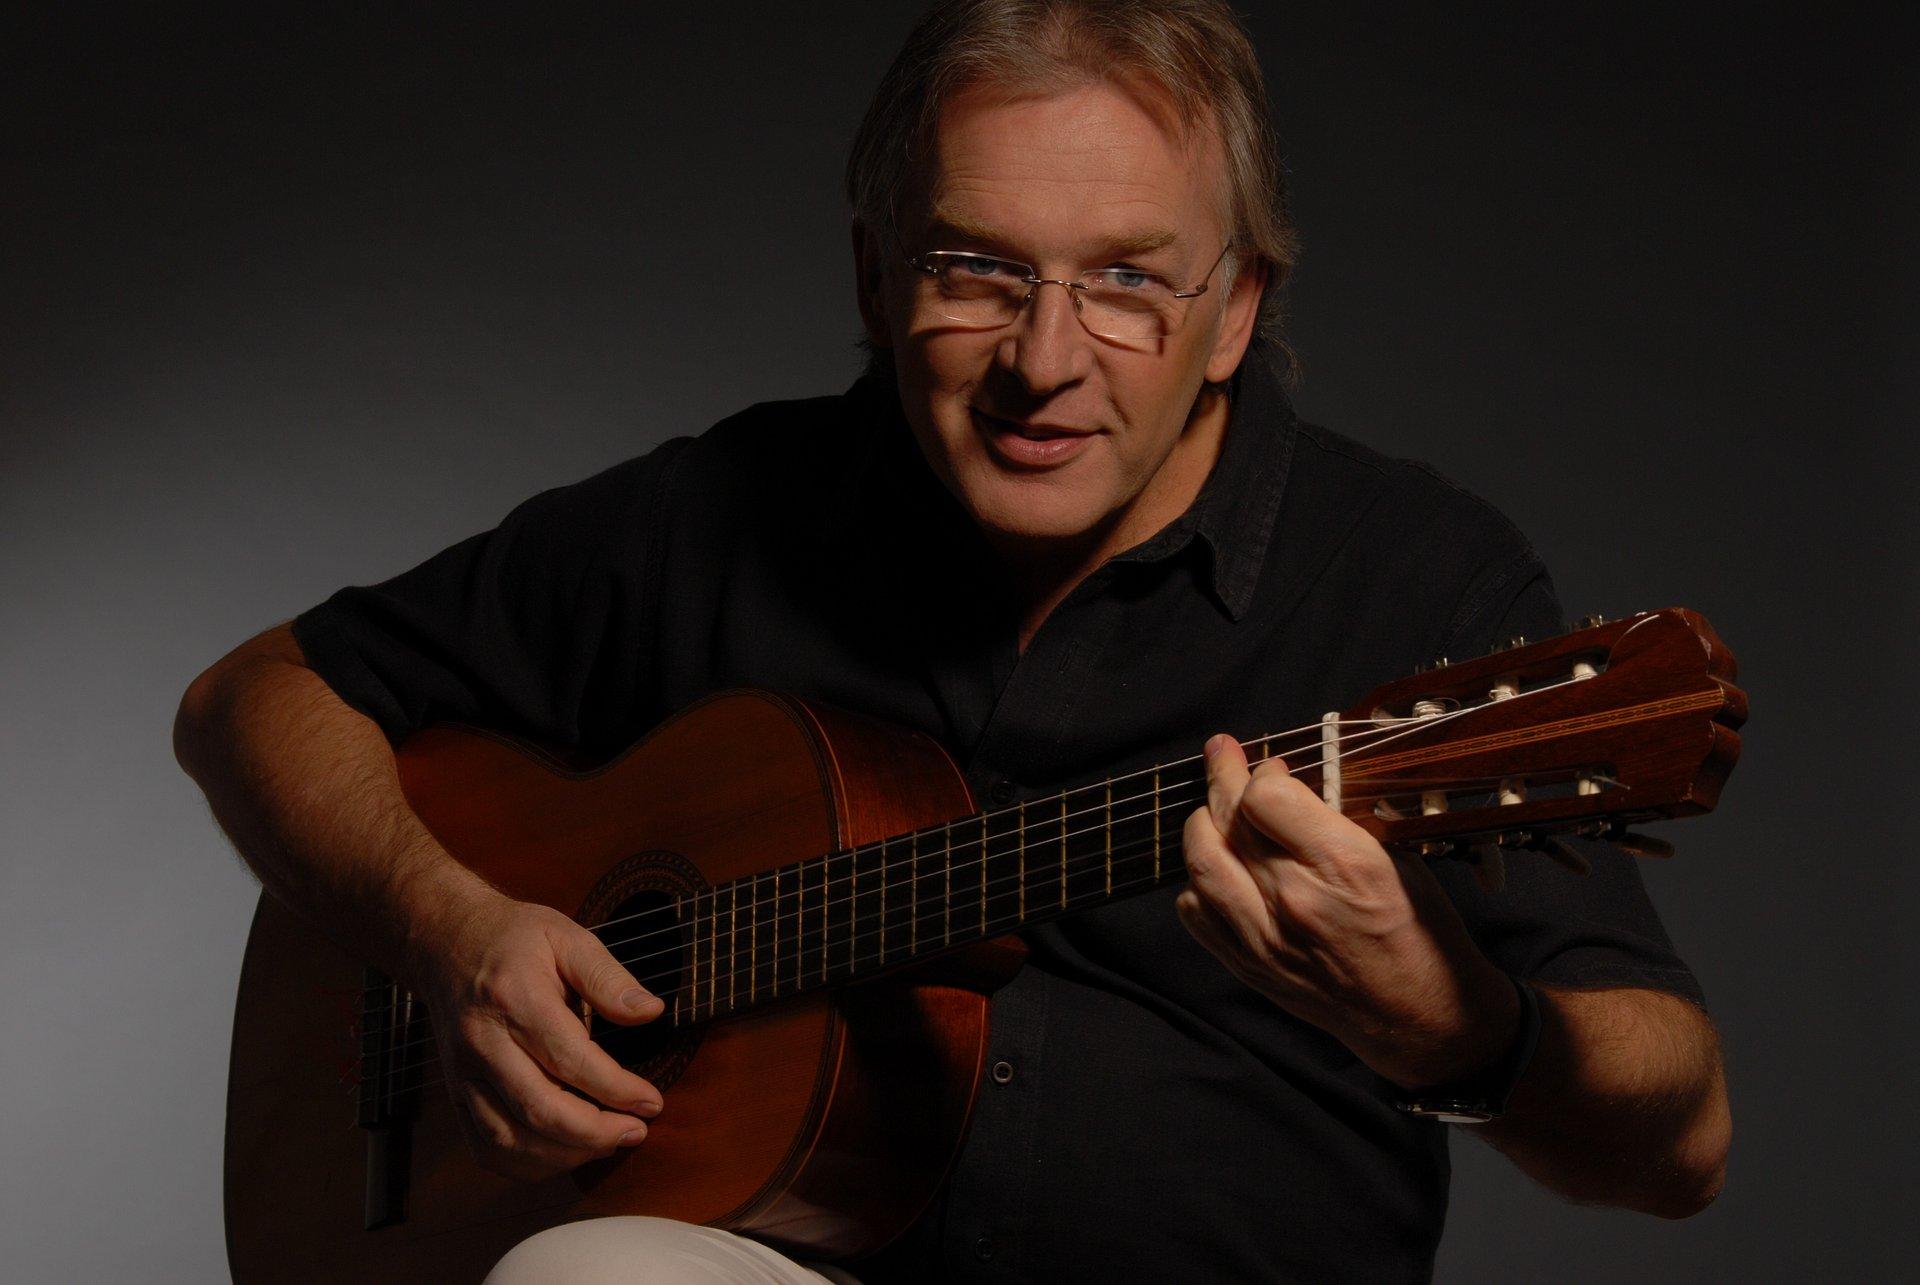 El cantautor Luis Pescetti regresa a la CDMX y estará acompañado por la banda de músicos de la Escuela del Rock a la Palabra